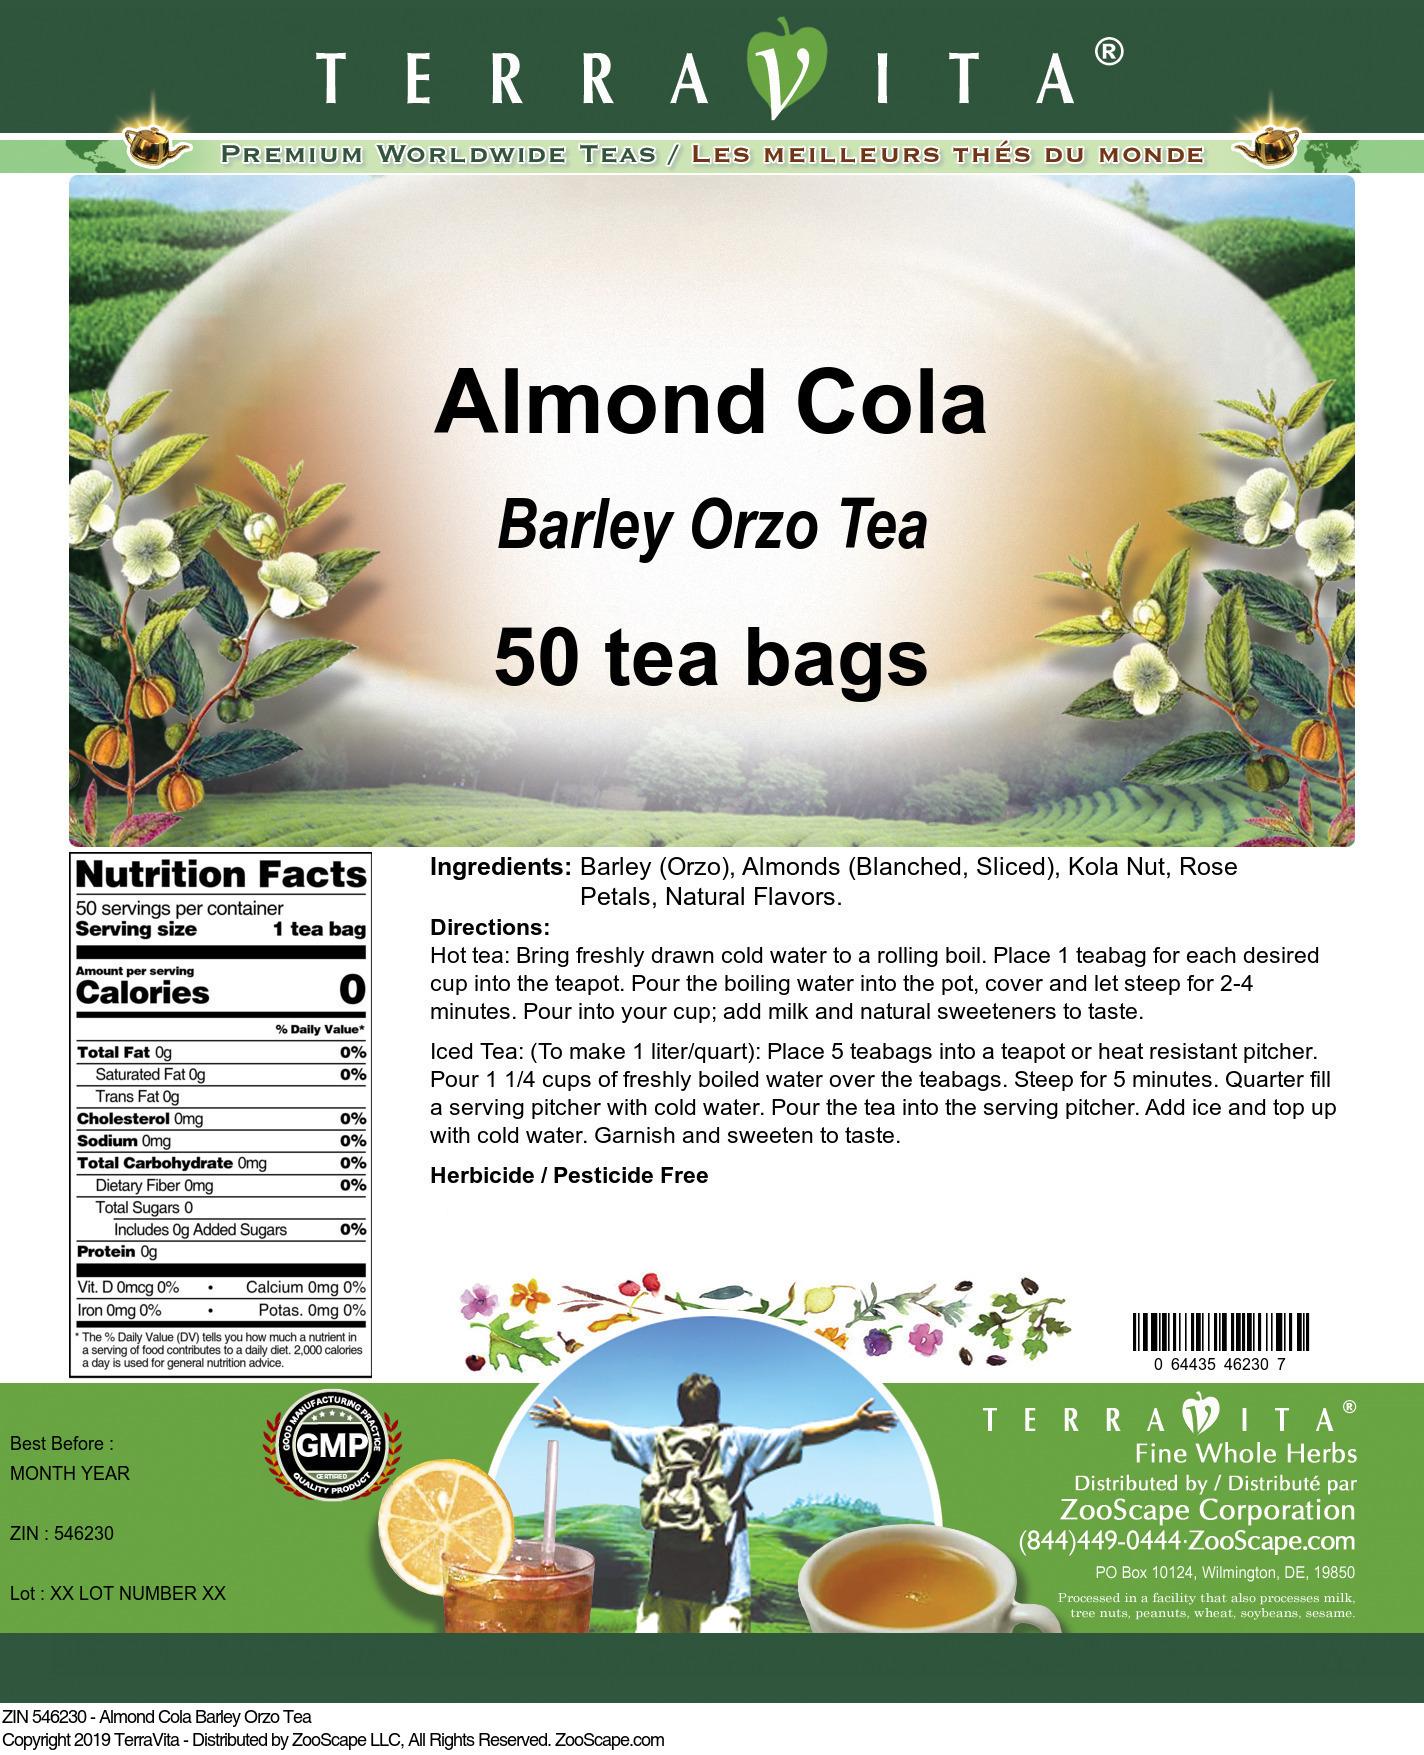 Almond Cola Barley Orzo